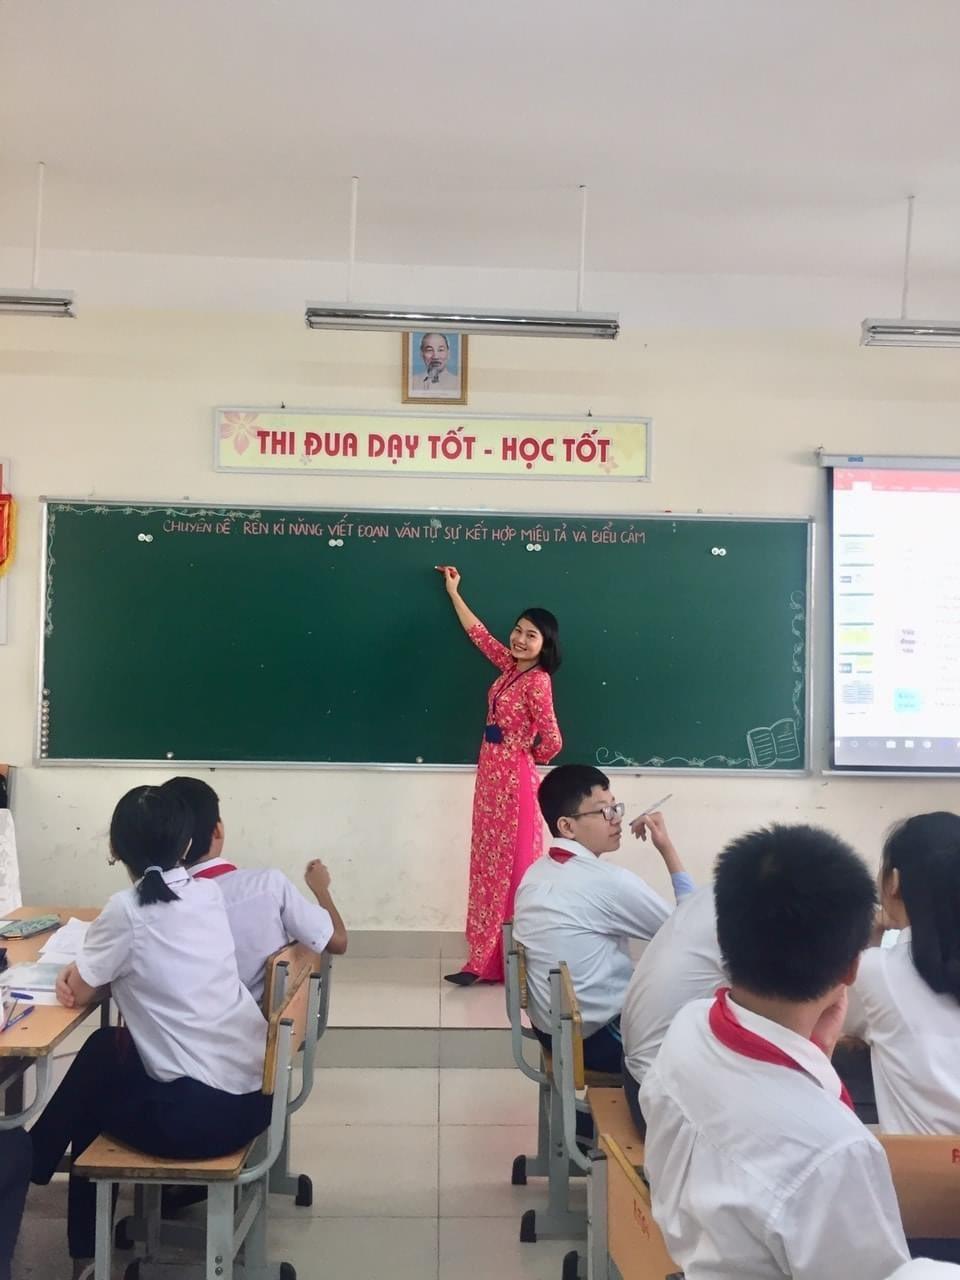 Cô giáo lớp 6 'đo' lòng phụ huynh bằng 20 câu hỏi